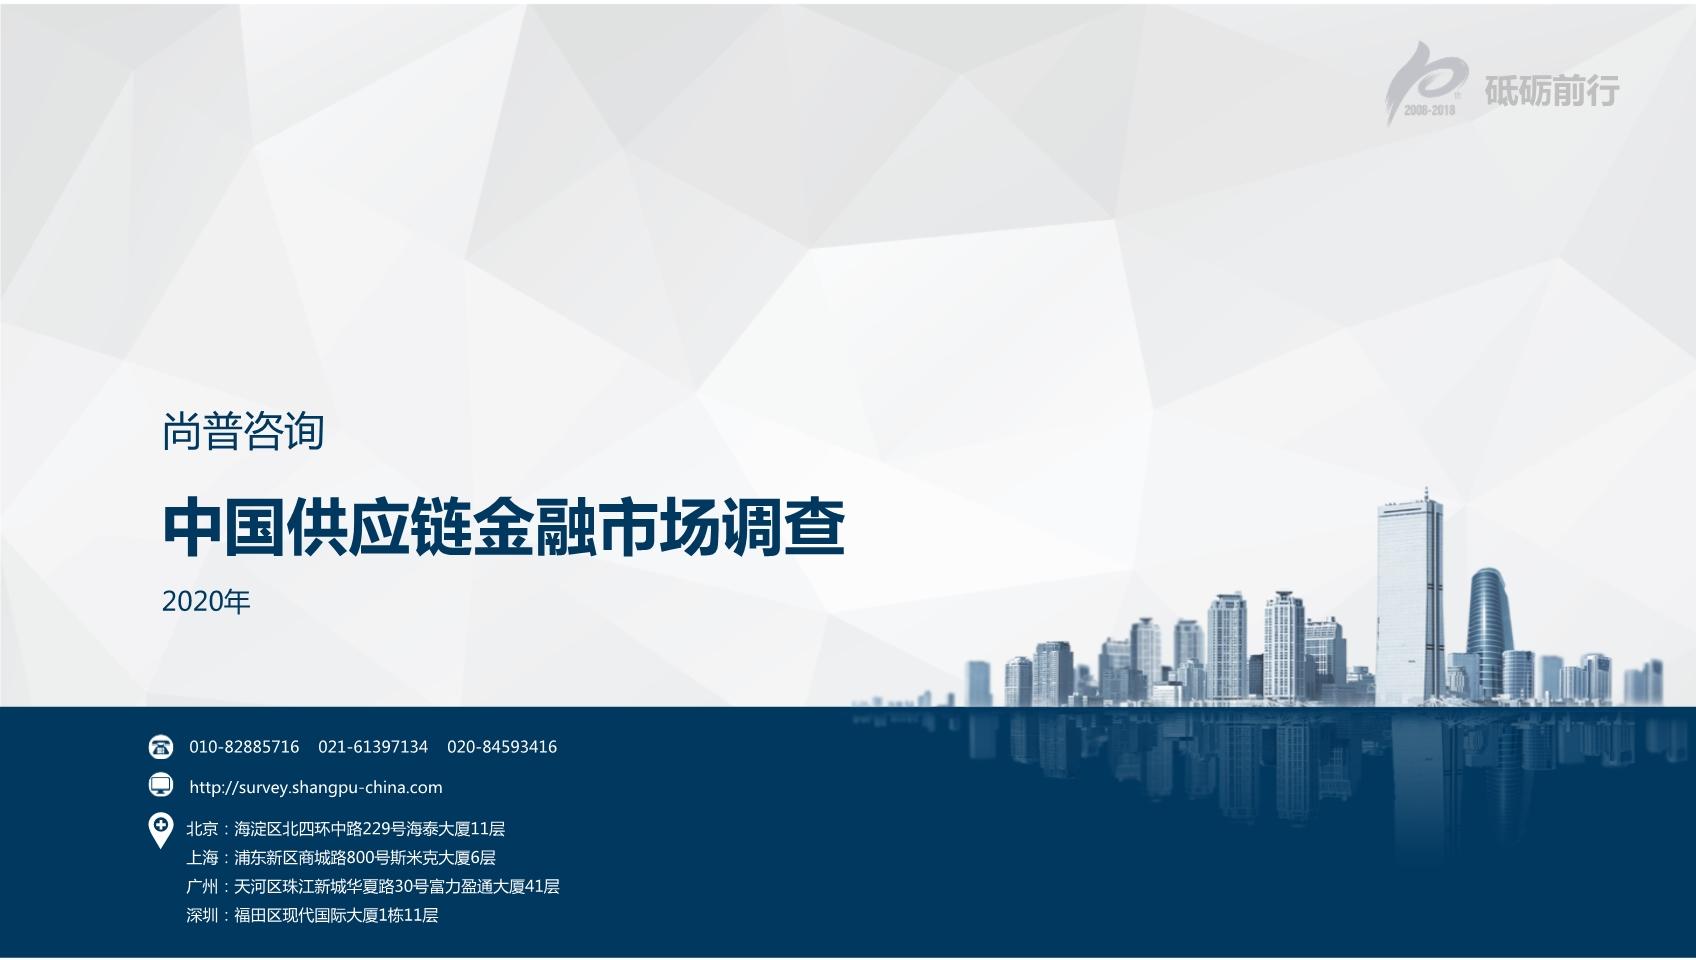 尚普咨询:2020年中国供应链金融市场调查